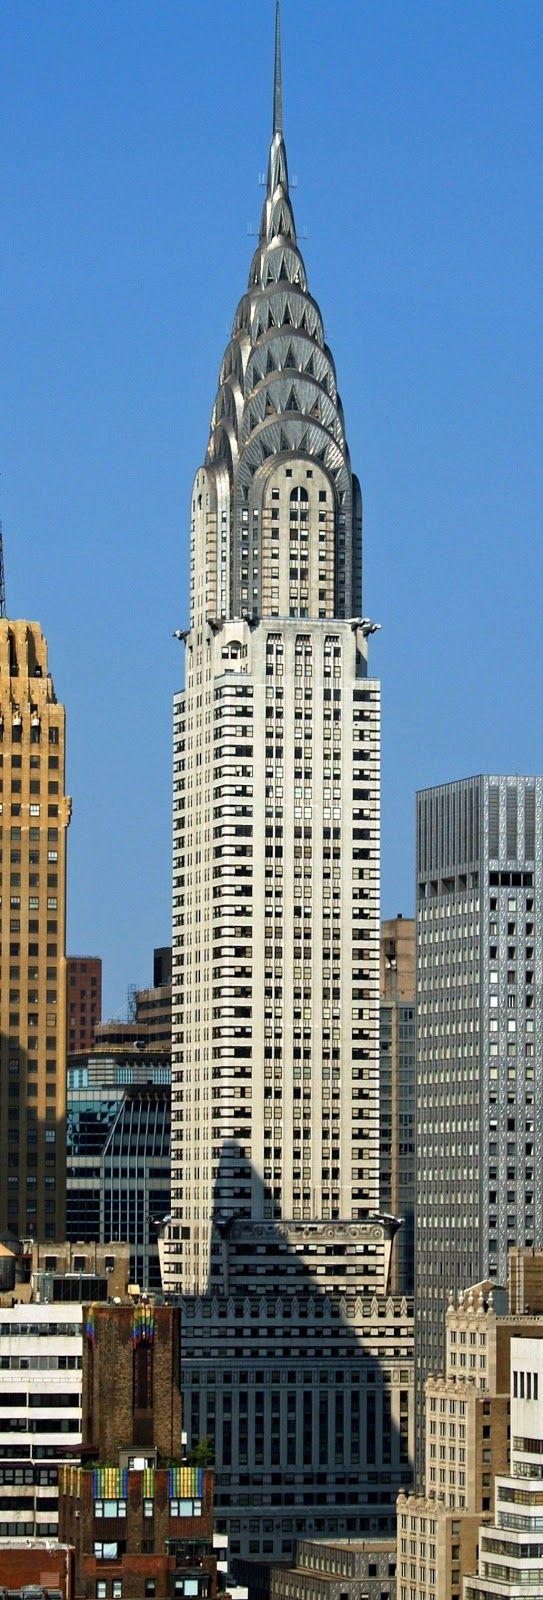 Chrysler Building New York United States Chrysler Building